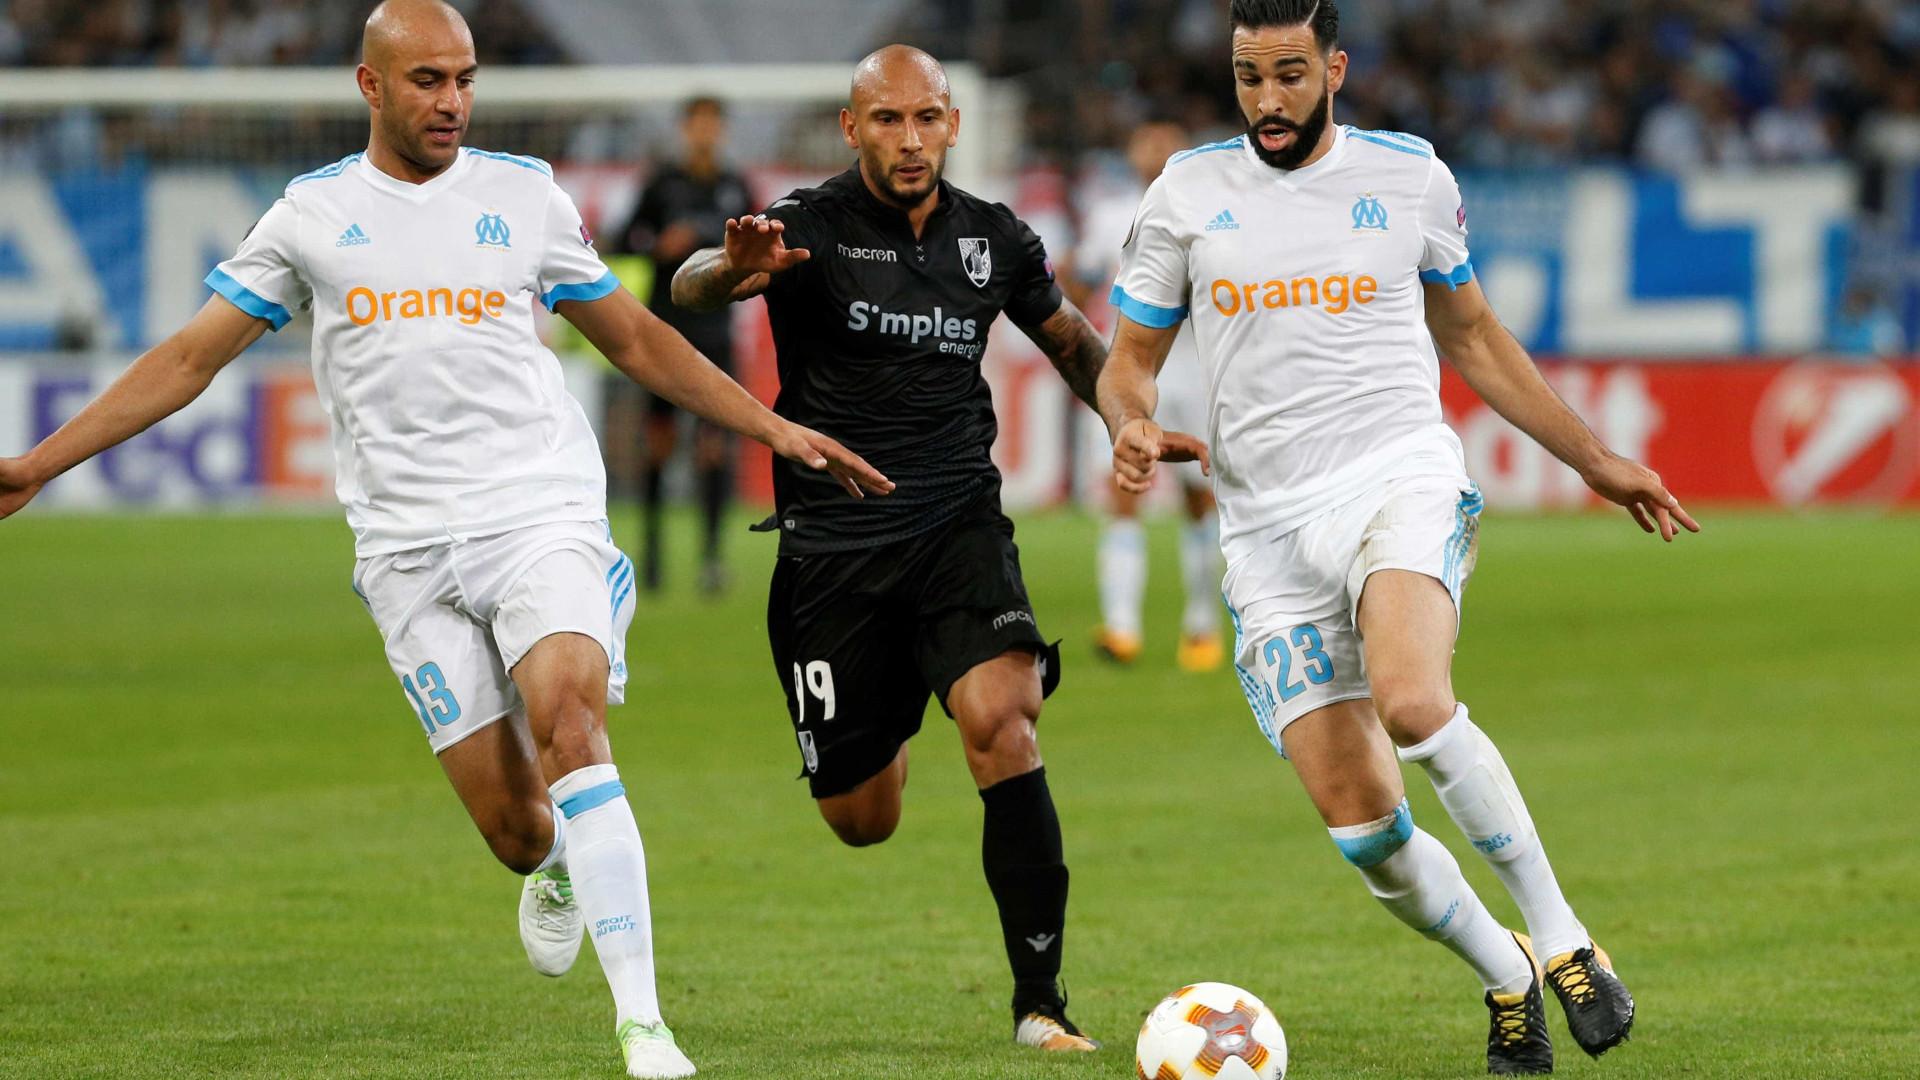 Da festa à desilusão, foi assim o duelo entre o Vitória SC e Marselha